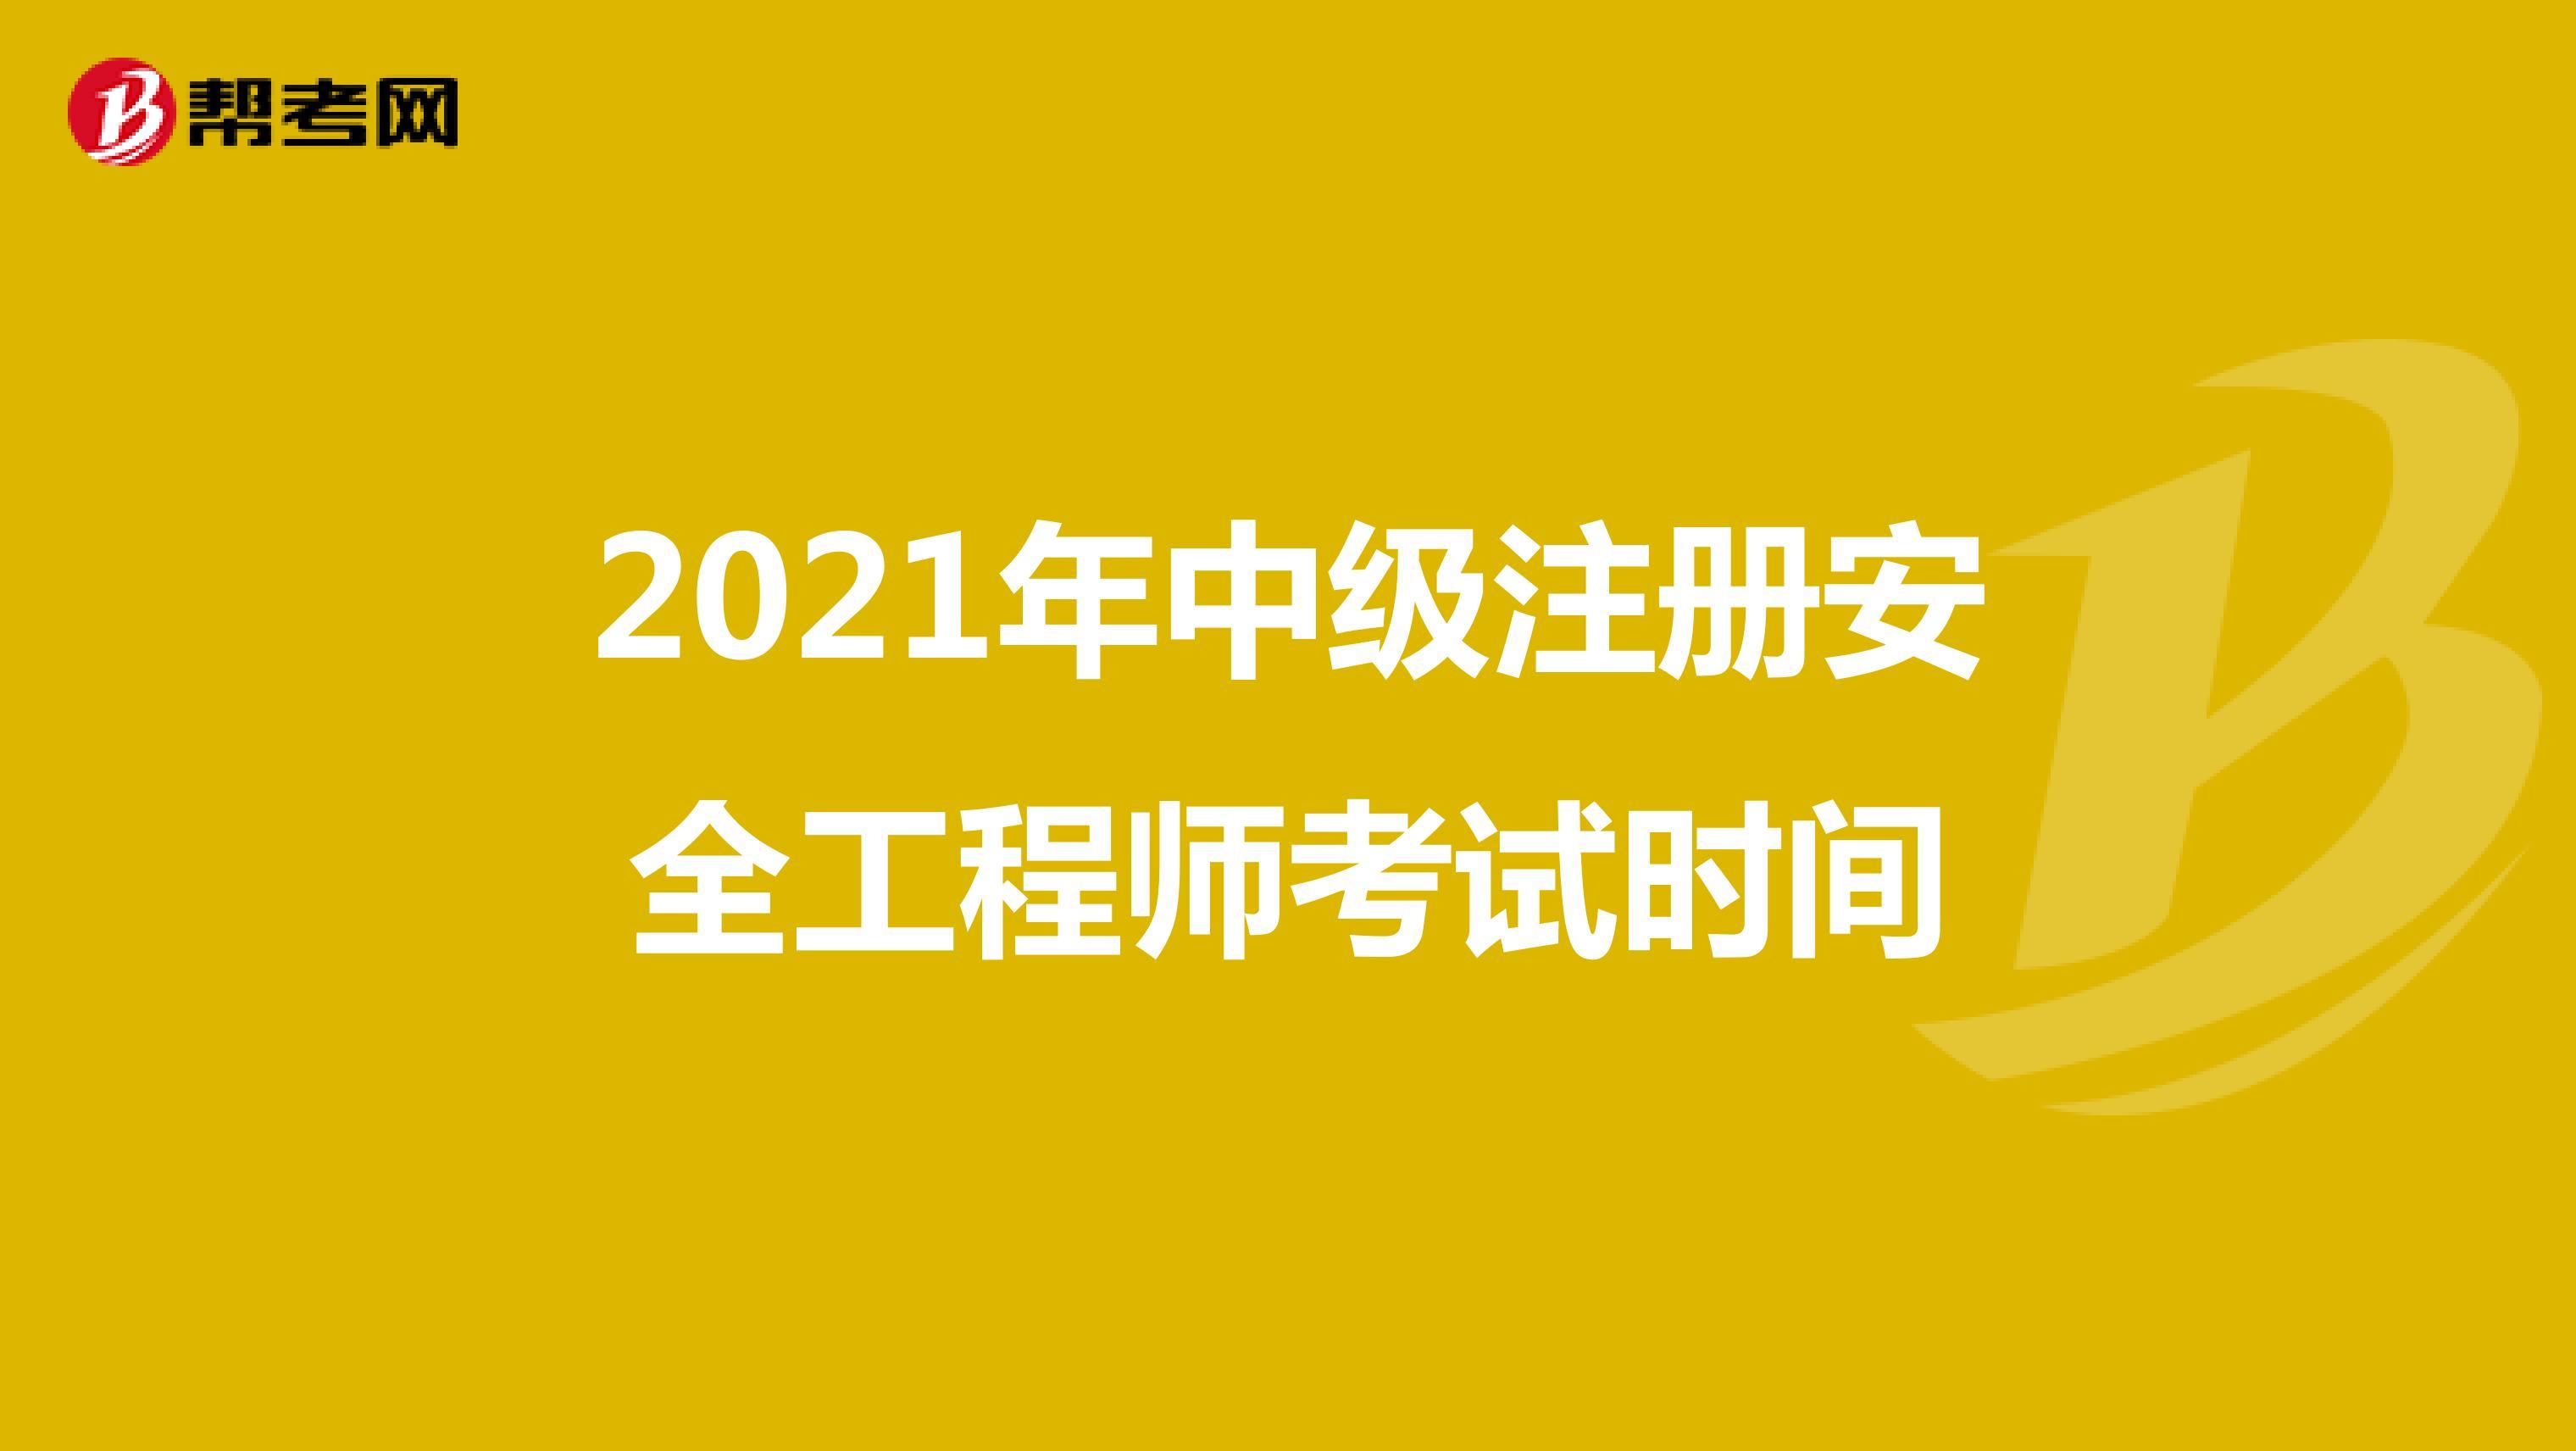 2021年中级注册安全工程师考试时间